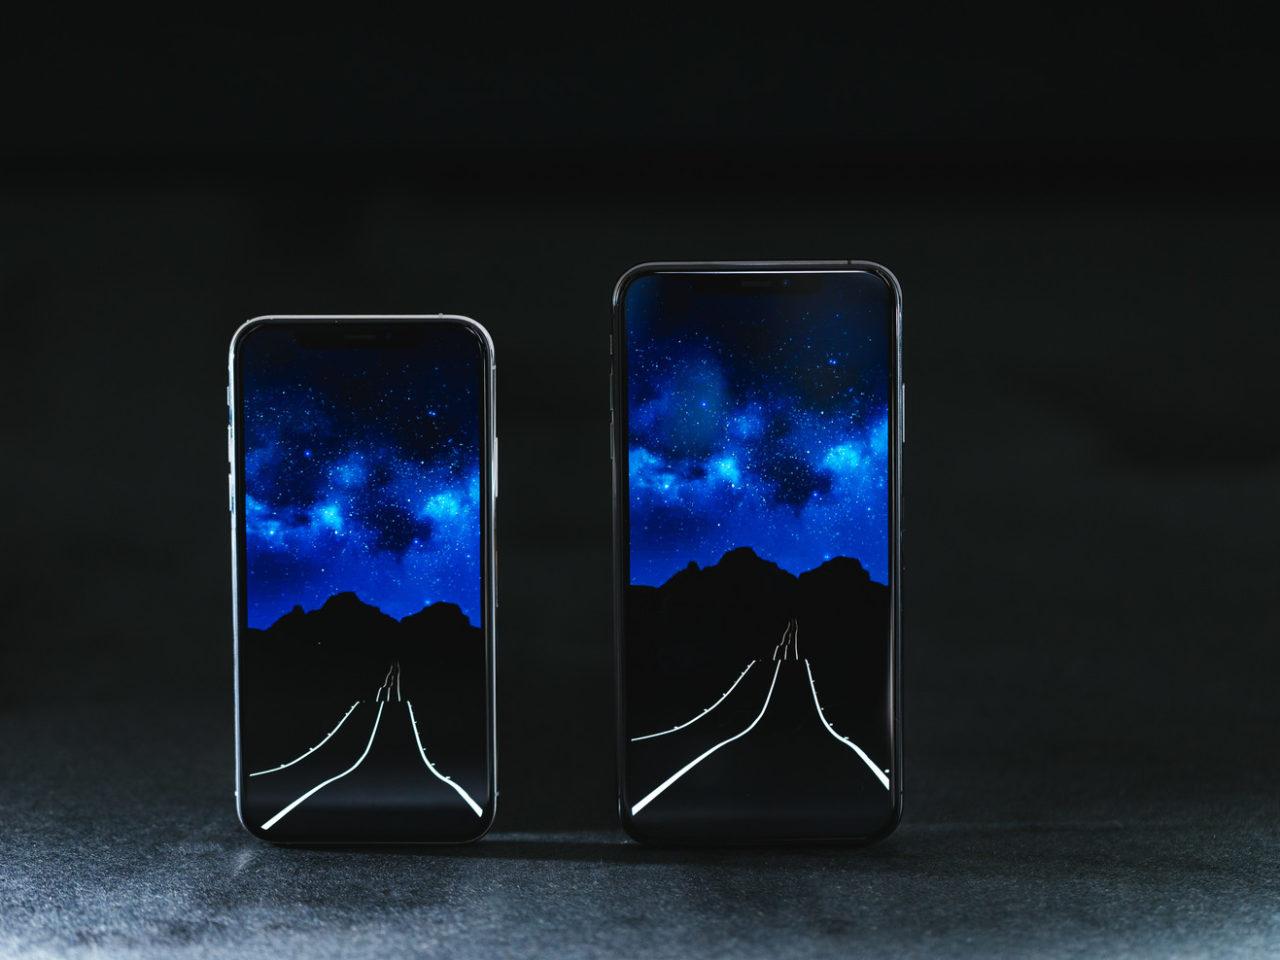 iPhoneの背面タップのおすすめの設定方法!iOS14の便利な新機能のサムネイル画像